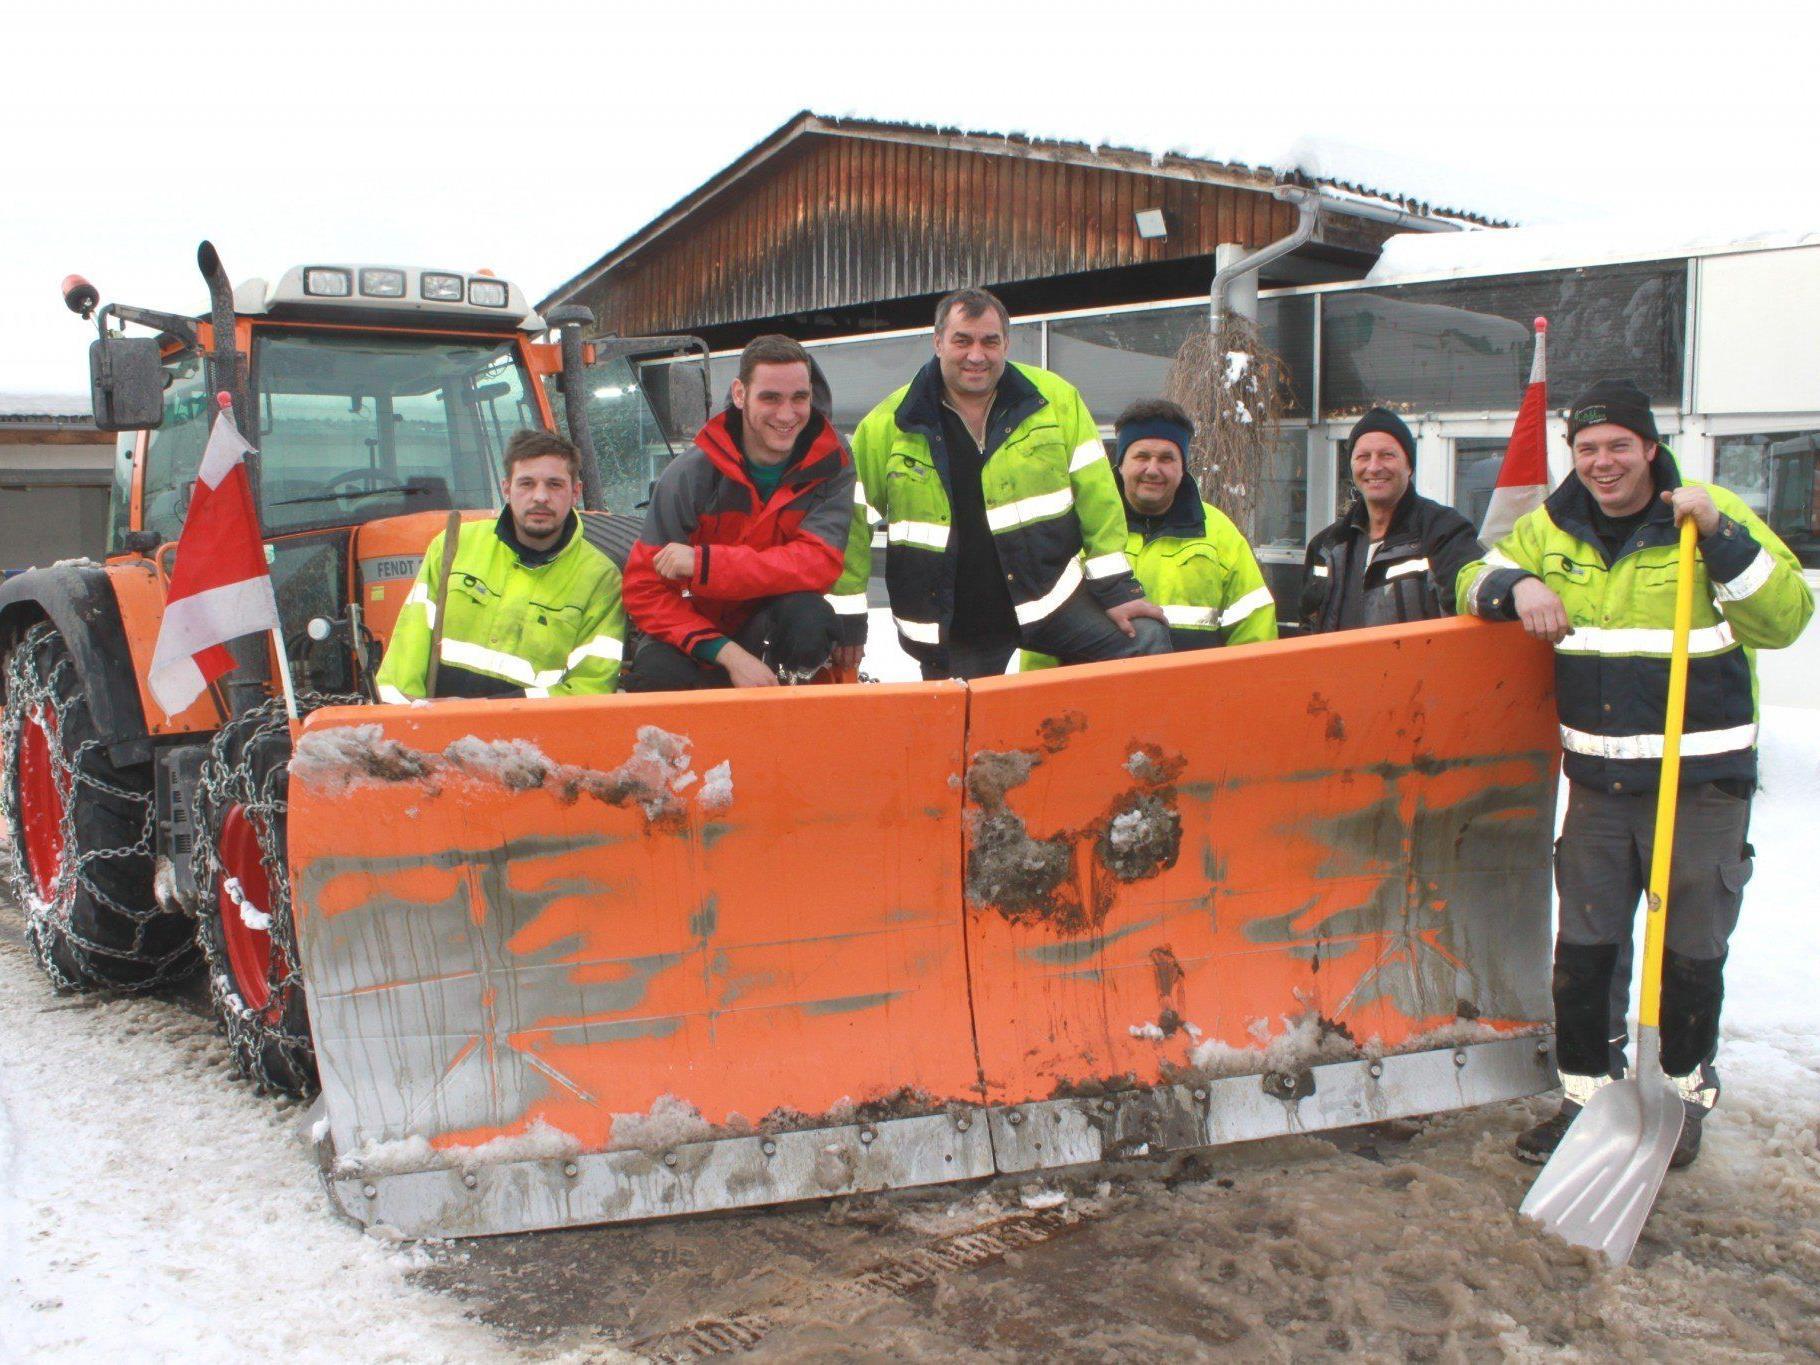 Ein Lob für das Team des Lochauer Wirtschaftshofes für die vorbildliche Schneeräumung.